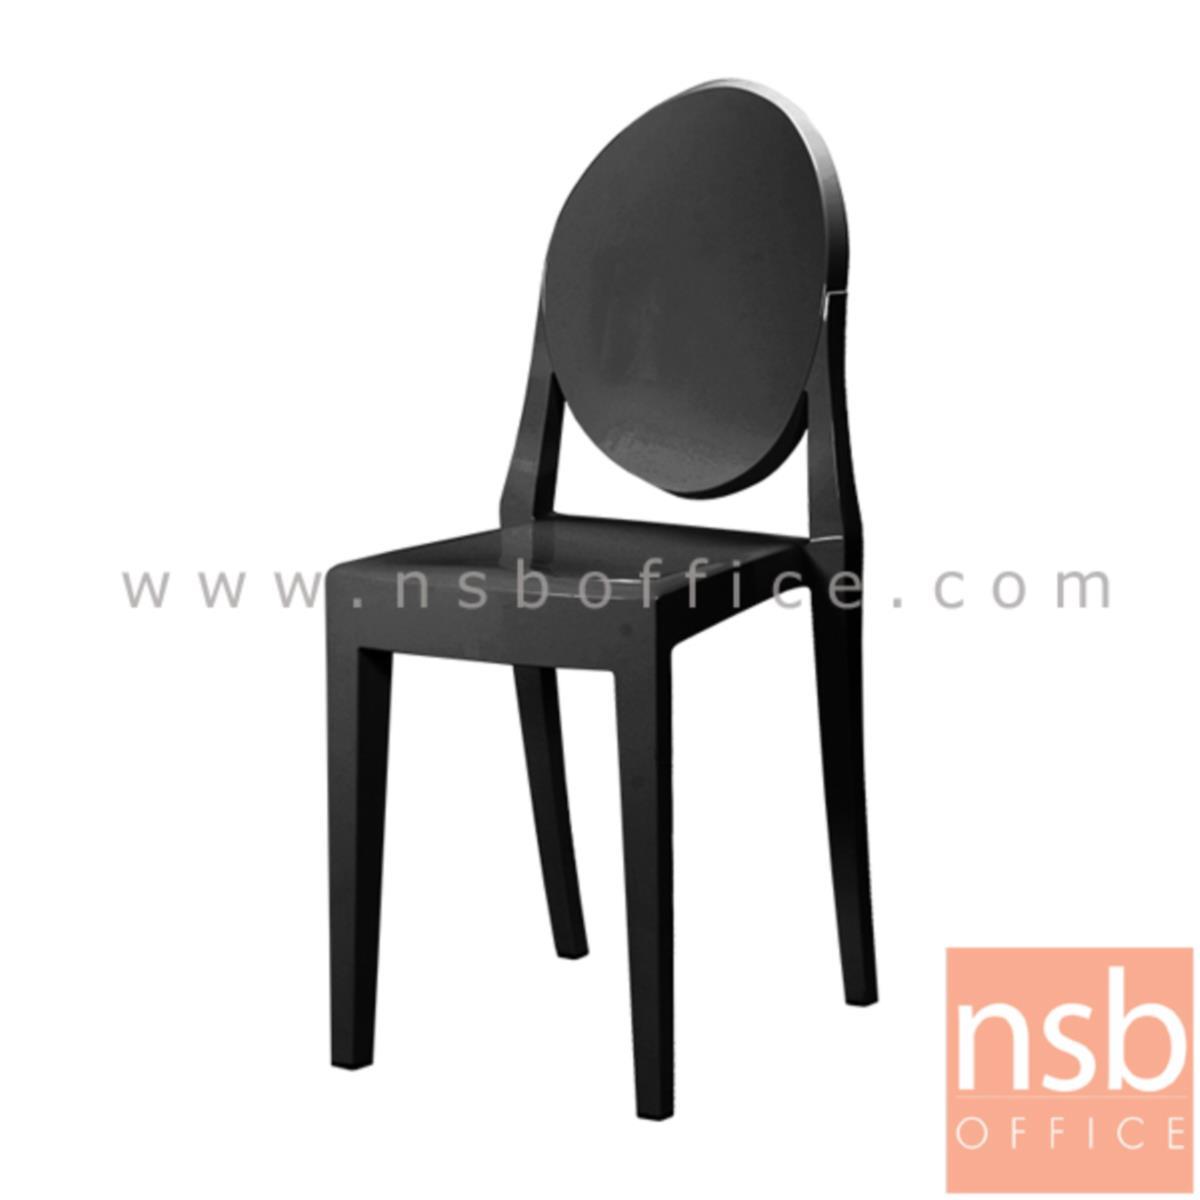 เก้าอี้โมเดิร์นพลาสติก(PC)ล้วน รุ่น PP9220 ขนาด 38W cm.